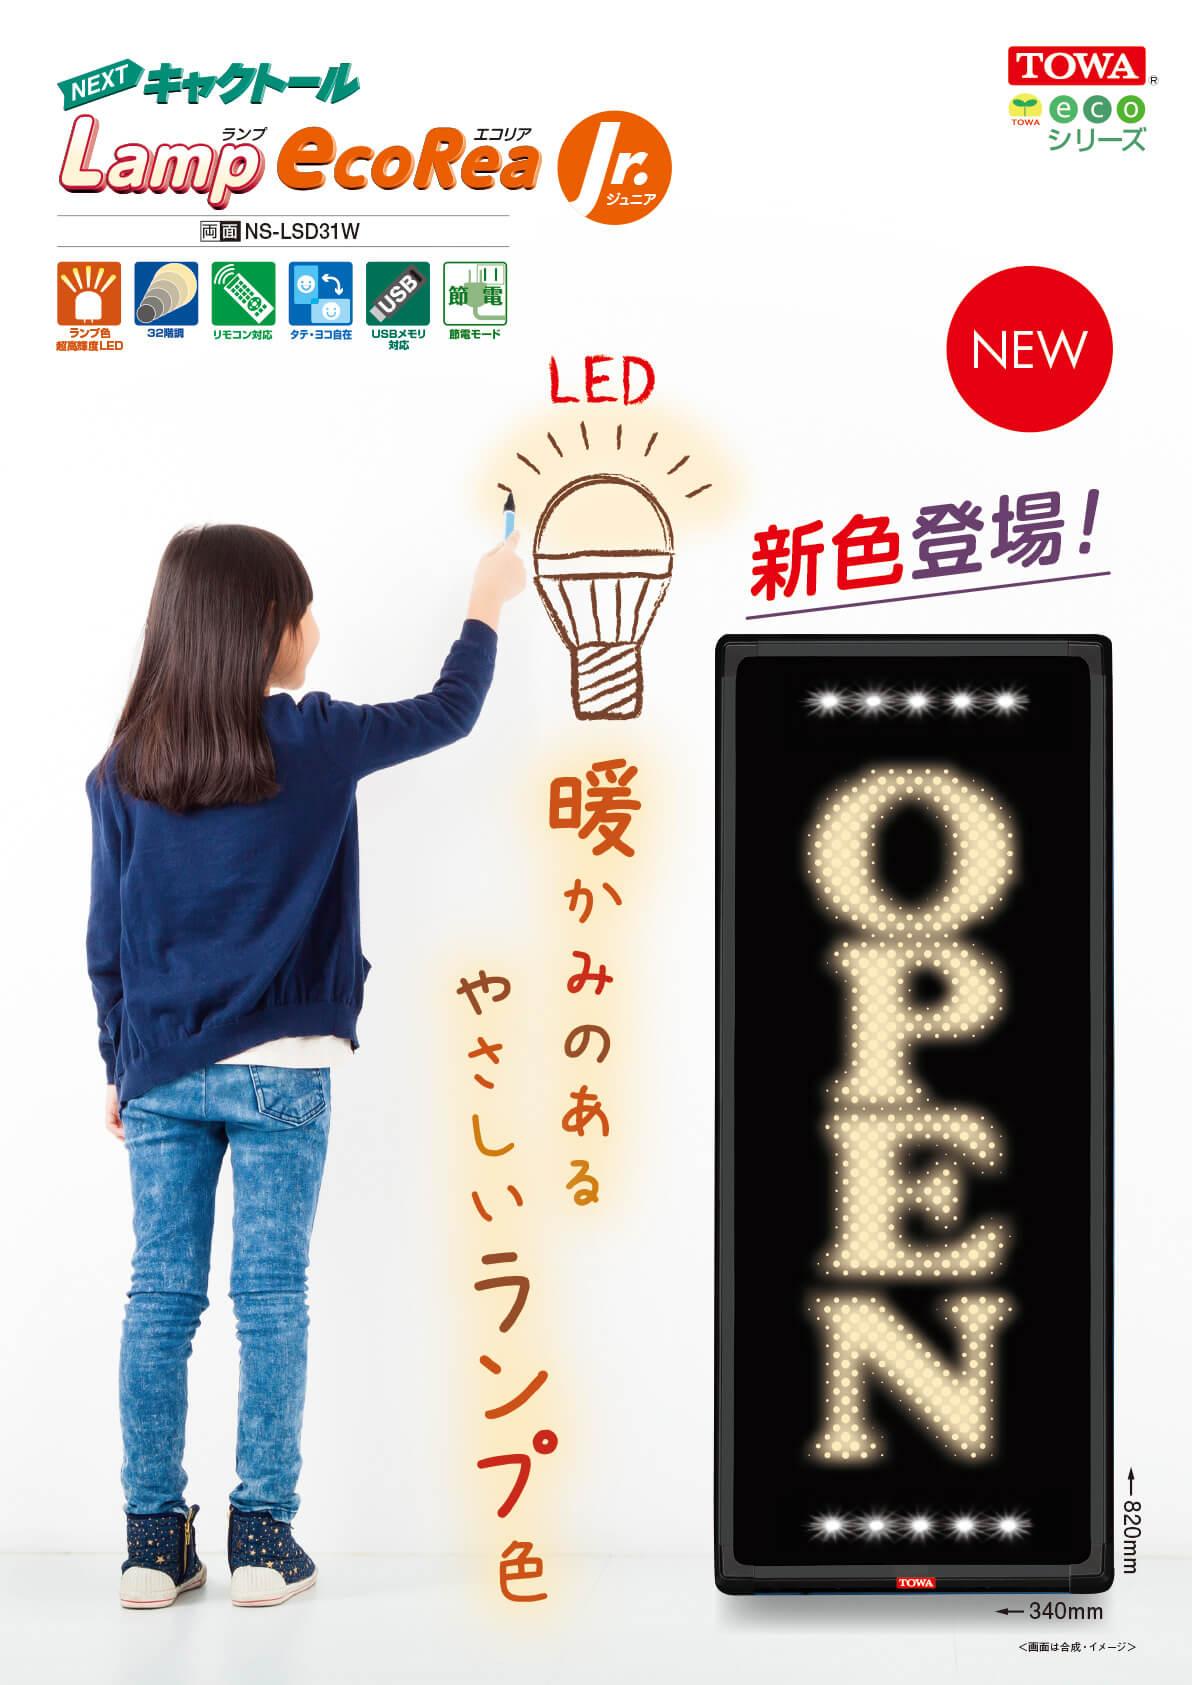 LEDデジタルサイン - 【岐阜県岐阜市】既存店舗の集客アップ。鍼灸整骨院様のLEDデジタルサインの取付をおこないました。